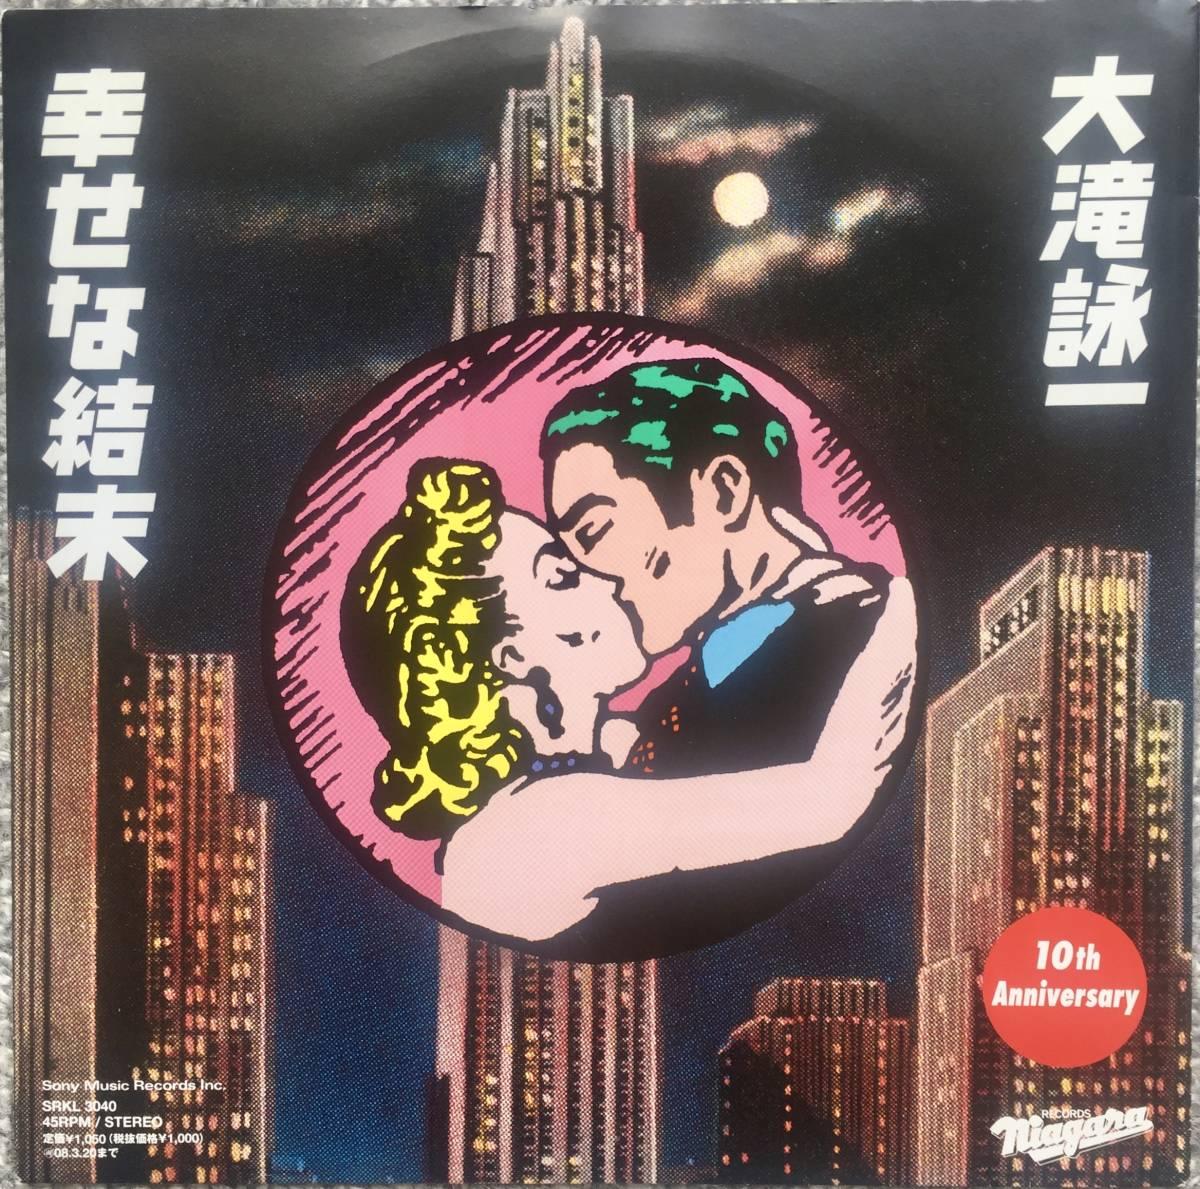 新品同様 大瀧詠一 幸せな結末 恋するふたり SRKL3040 歌詞カード完備 ナイアガラ NIAGARA 限定盤 和モノ CITY POP LIGHT MELLOW 7INCH EP